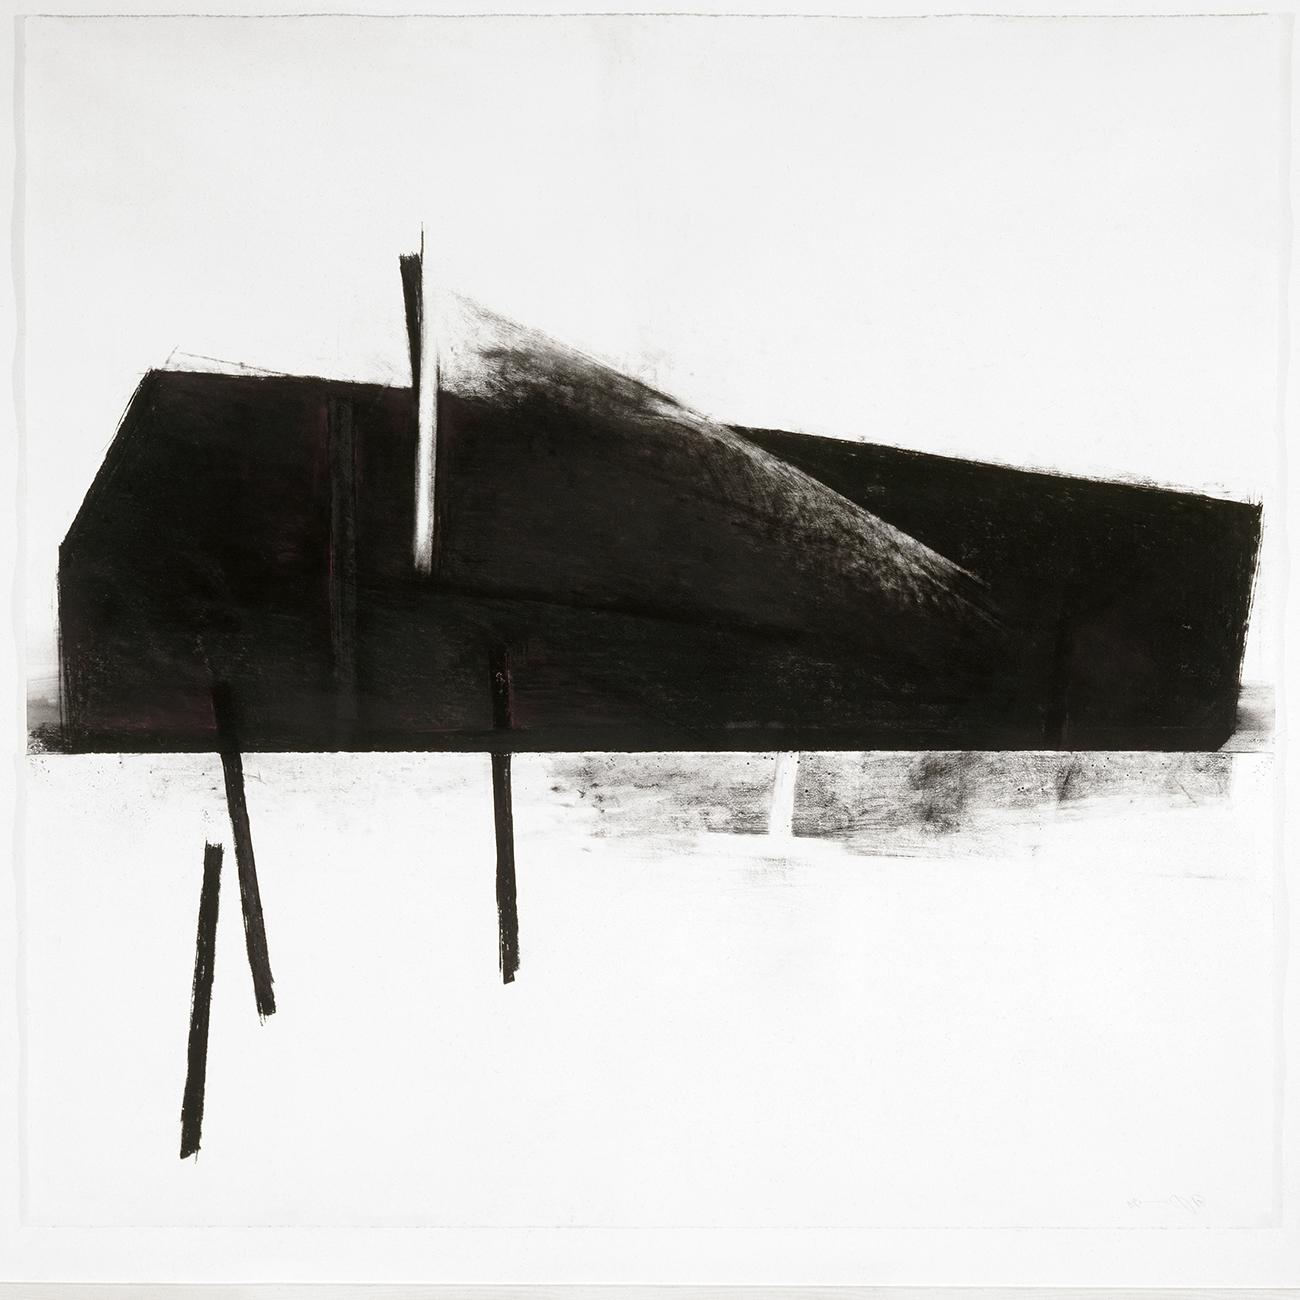 Malgré la nuit VIII  (1990 - 1991)   Fusain, pastel et graphite, 145 x 127 cm. photo : Richard-Max Tremblay